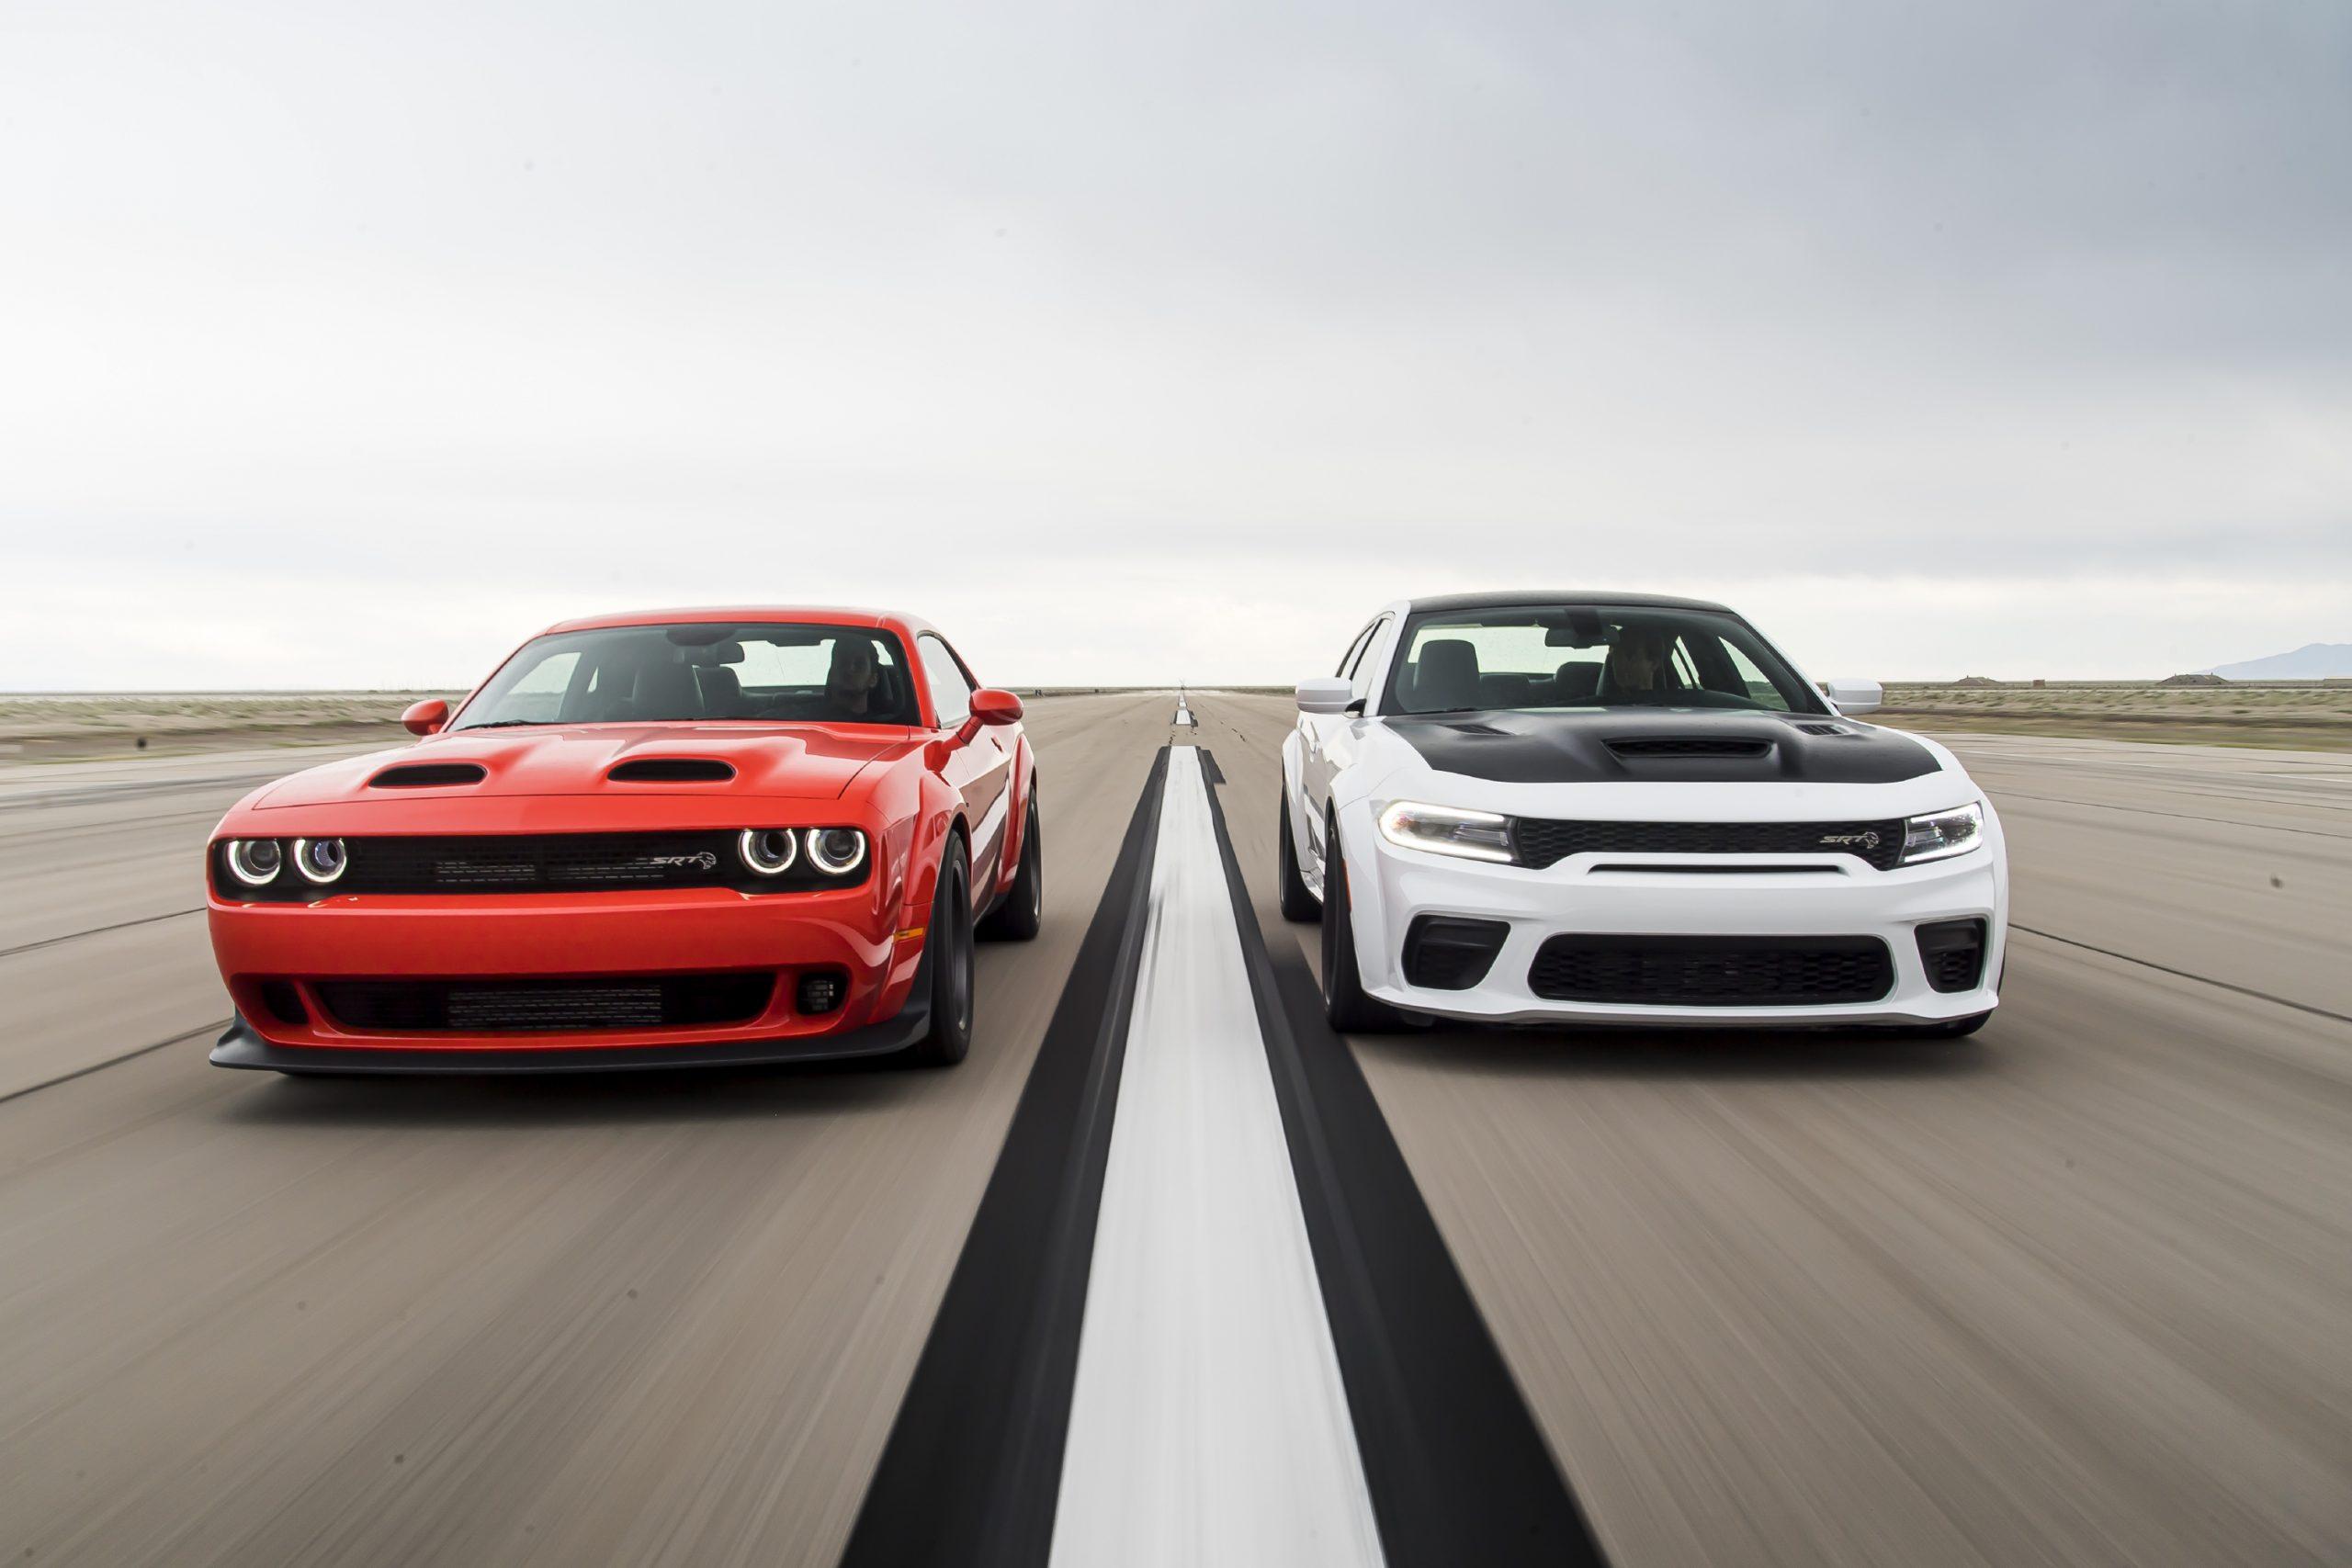 2020 Dodge Challenger SRT Super Stock (left) and 2021 Dodge Char